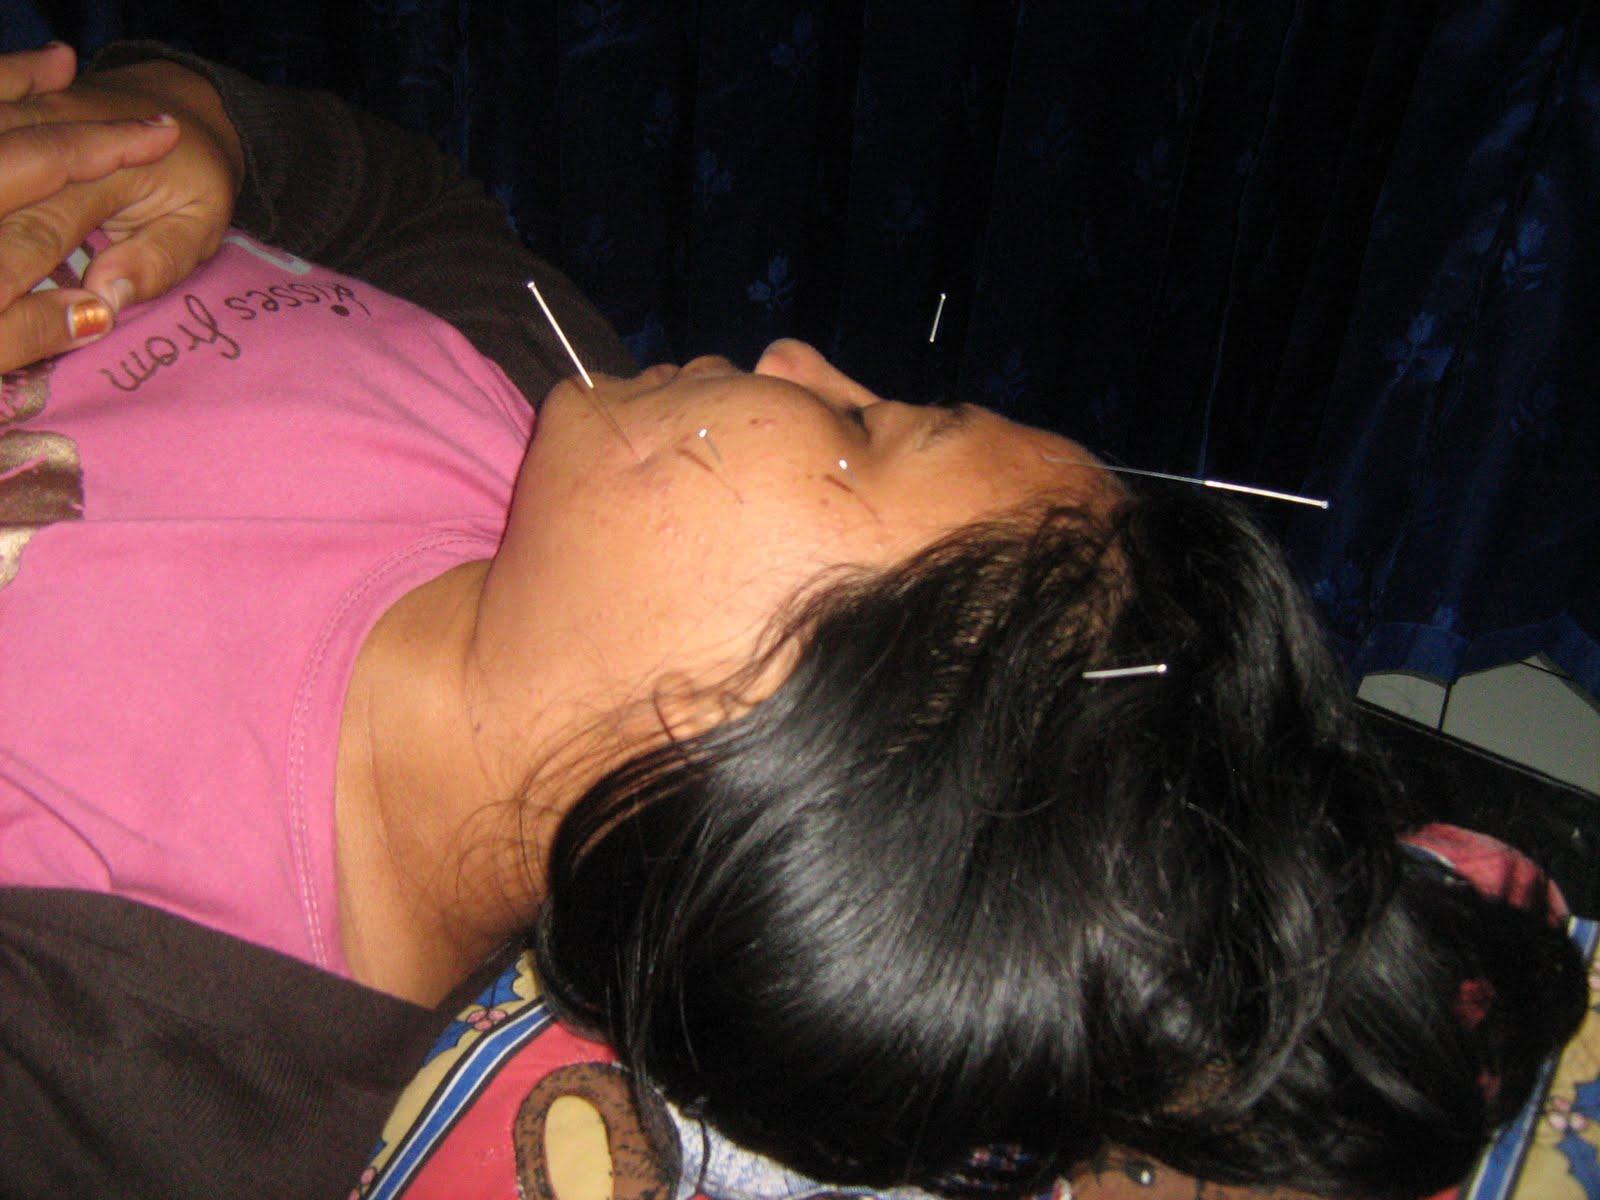 Akupunktur Wajah Kebas, Sakit Wajah, Trigeminal Neuralgia